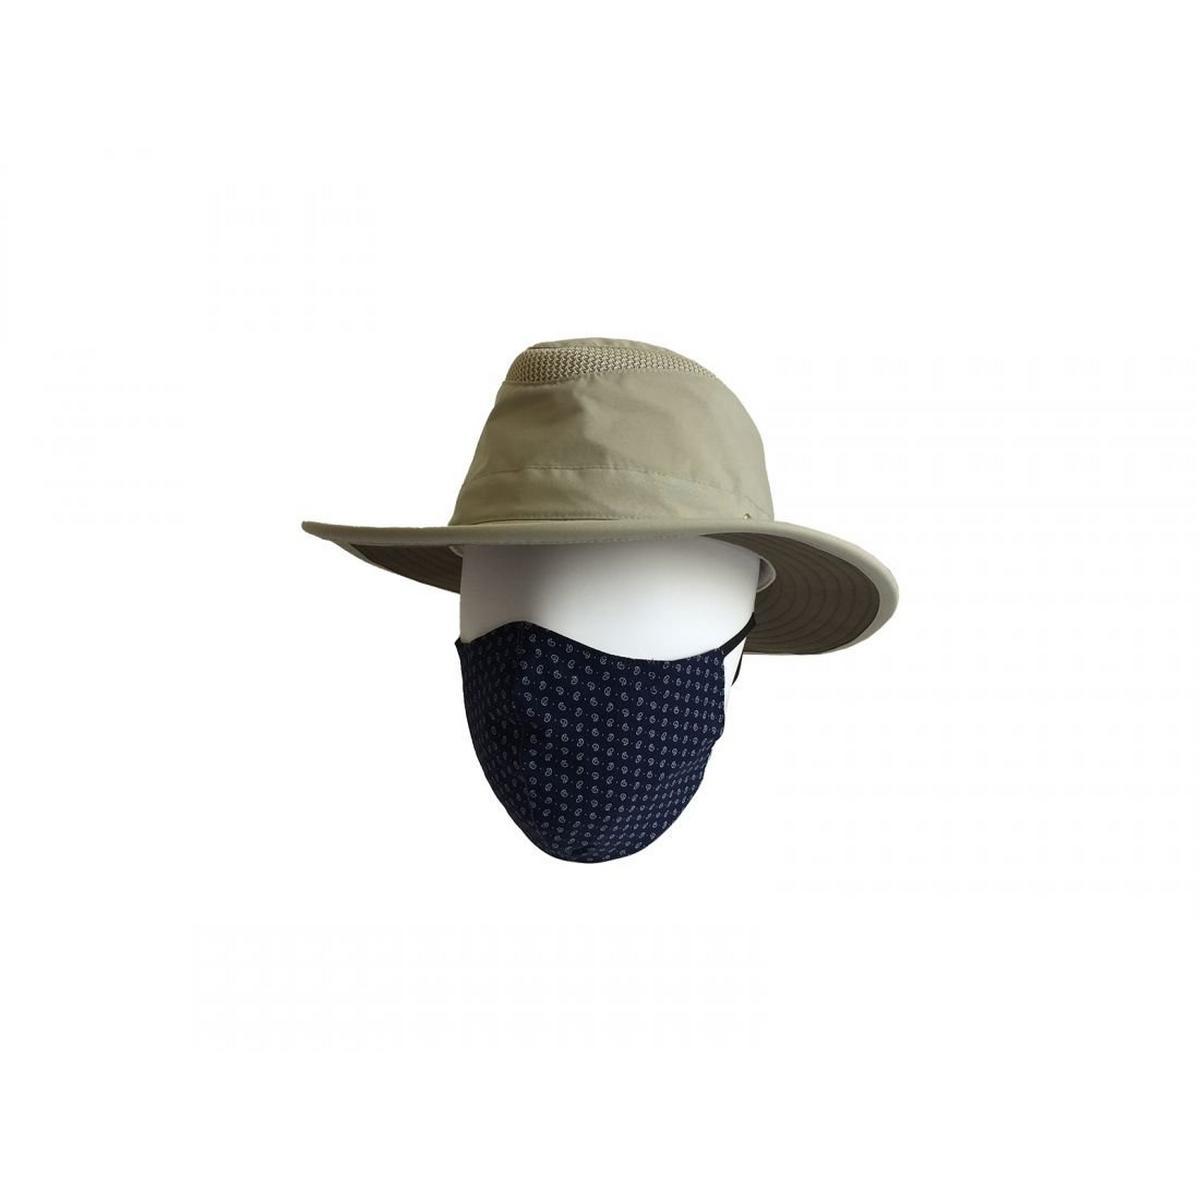 Tilley Endurables U Tilley Endurables 2 Pack Face Mask - Navy